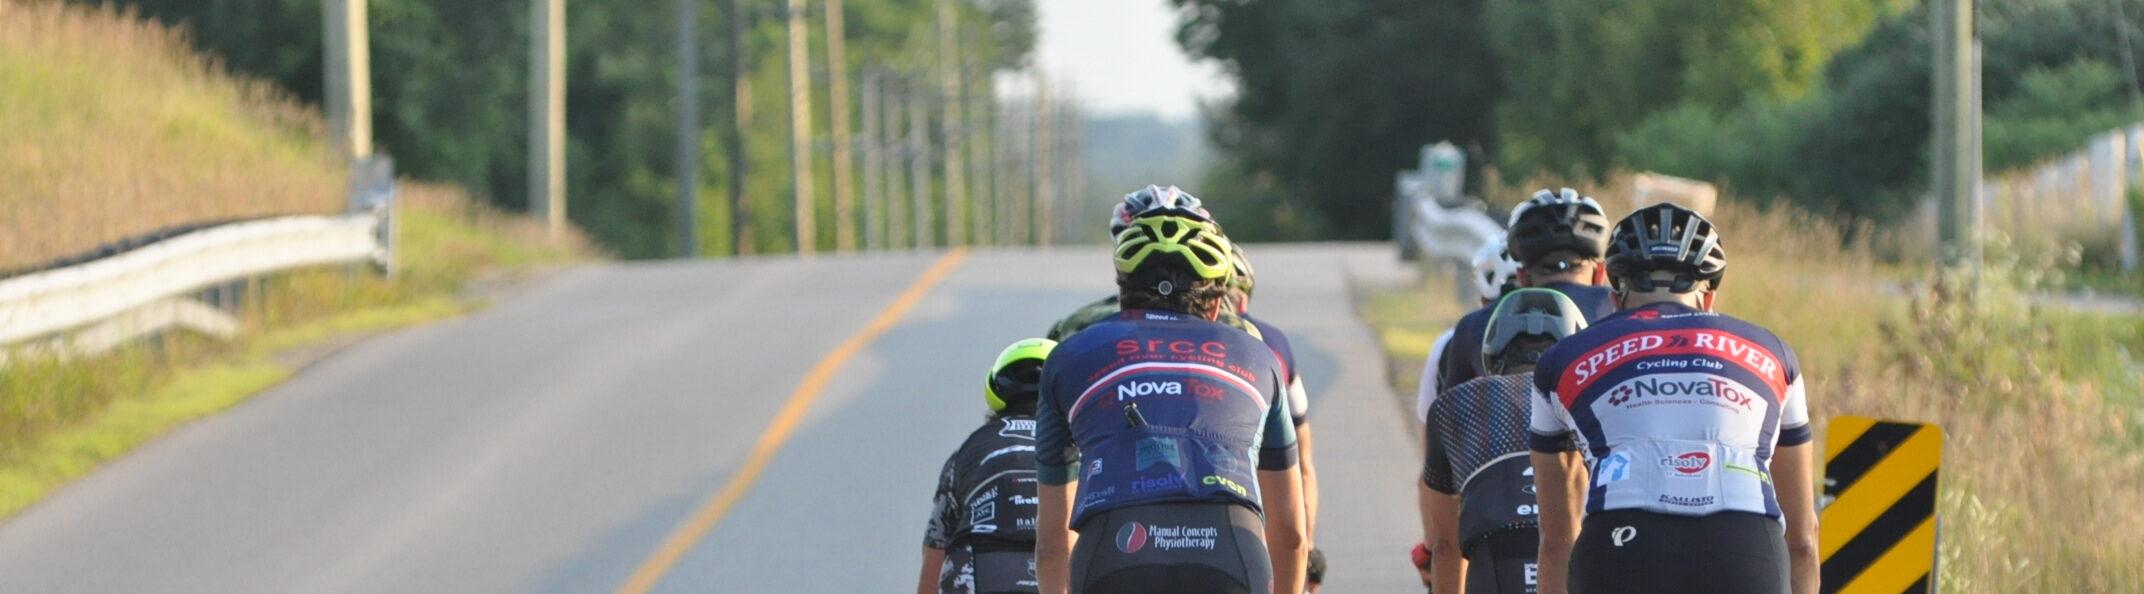 2021 Rides Have Begun!